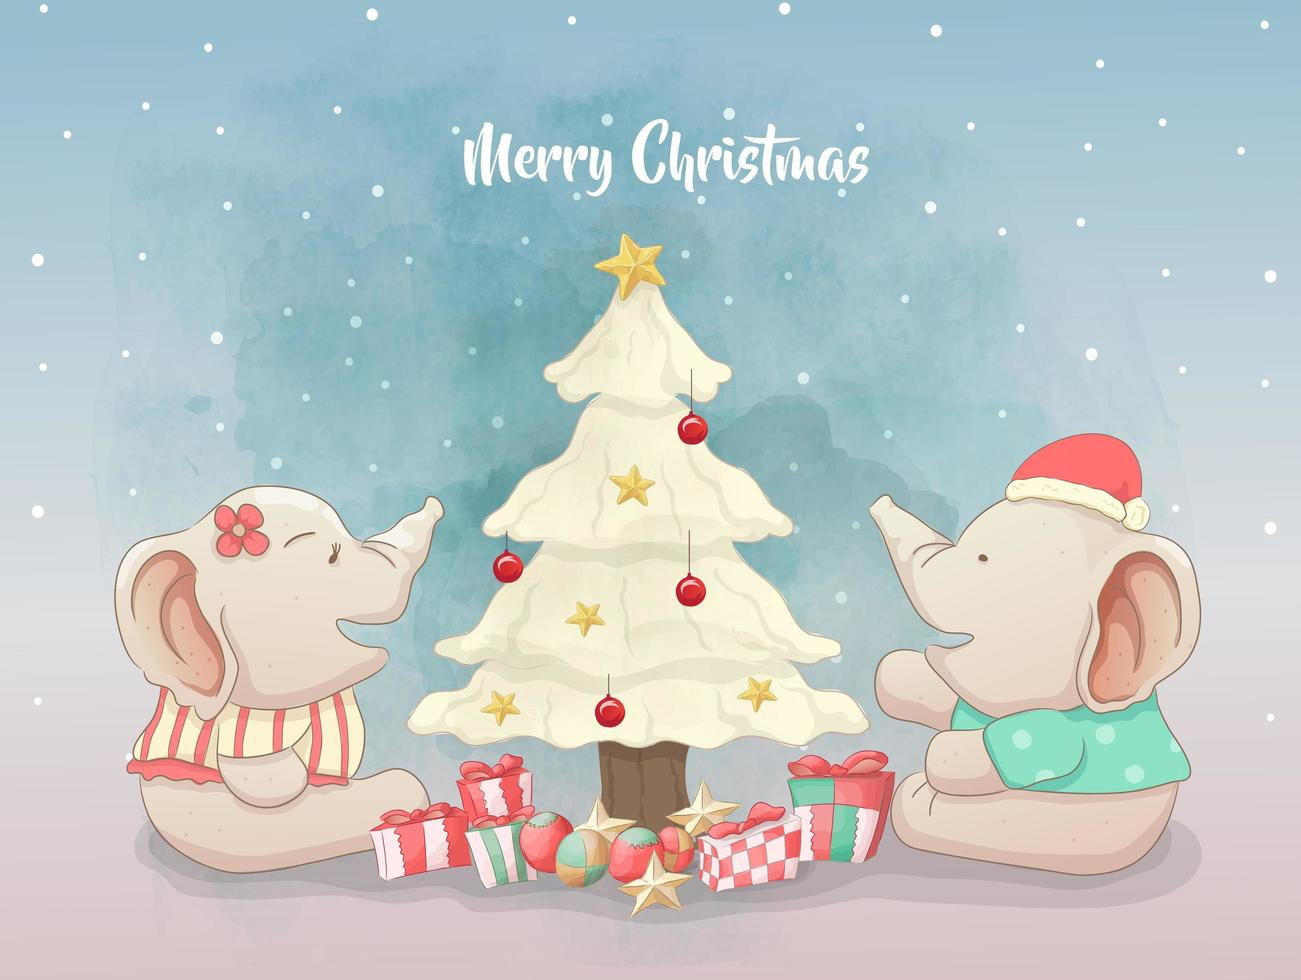 coppia di elefanti che celebra il giorno di Natale vettore